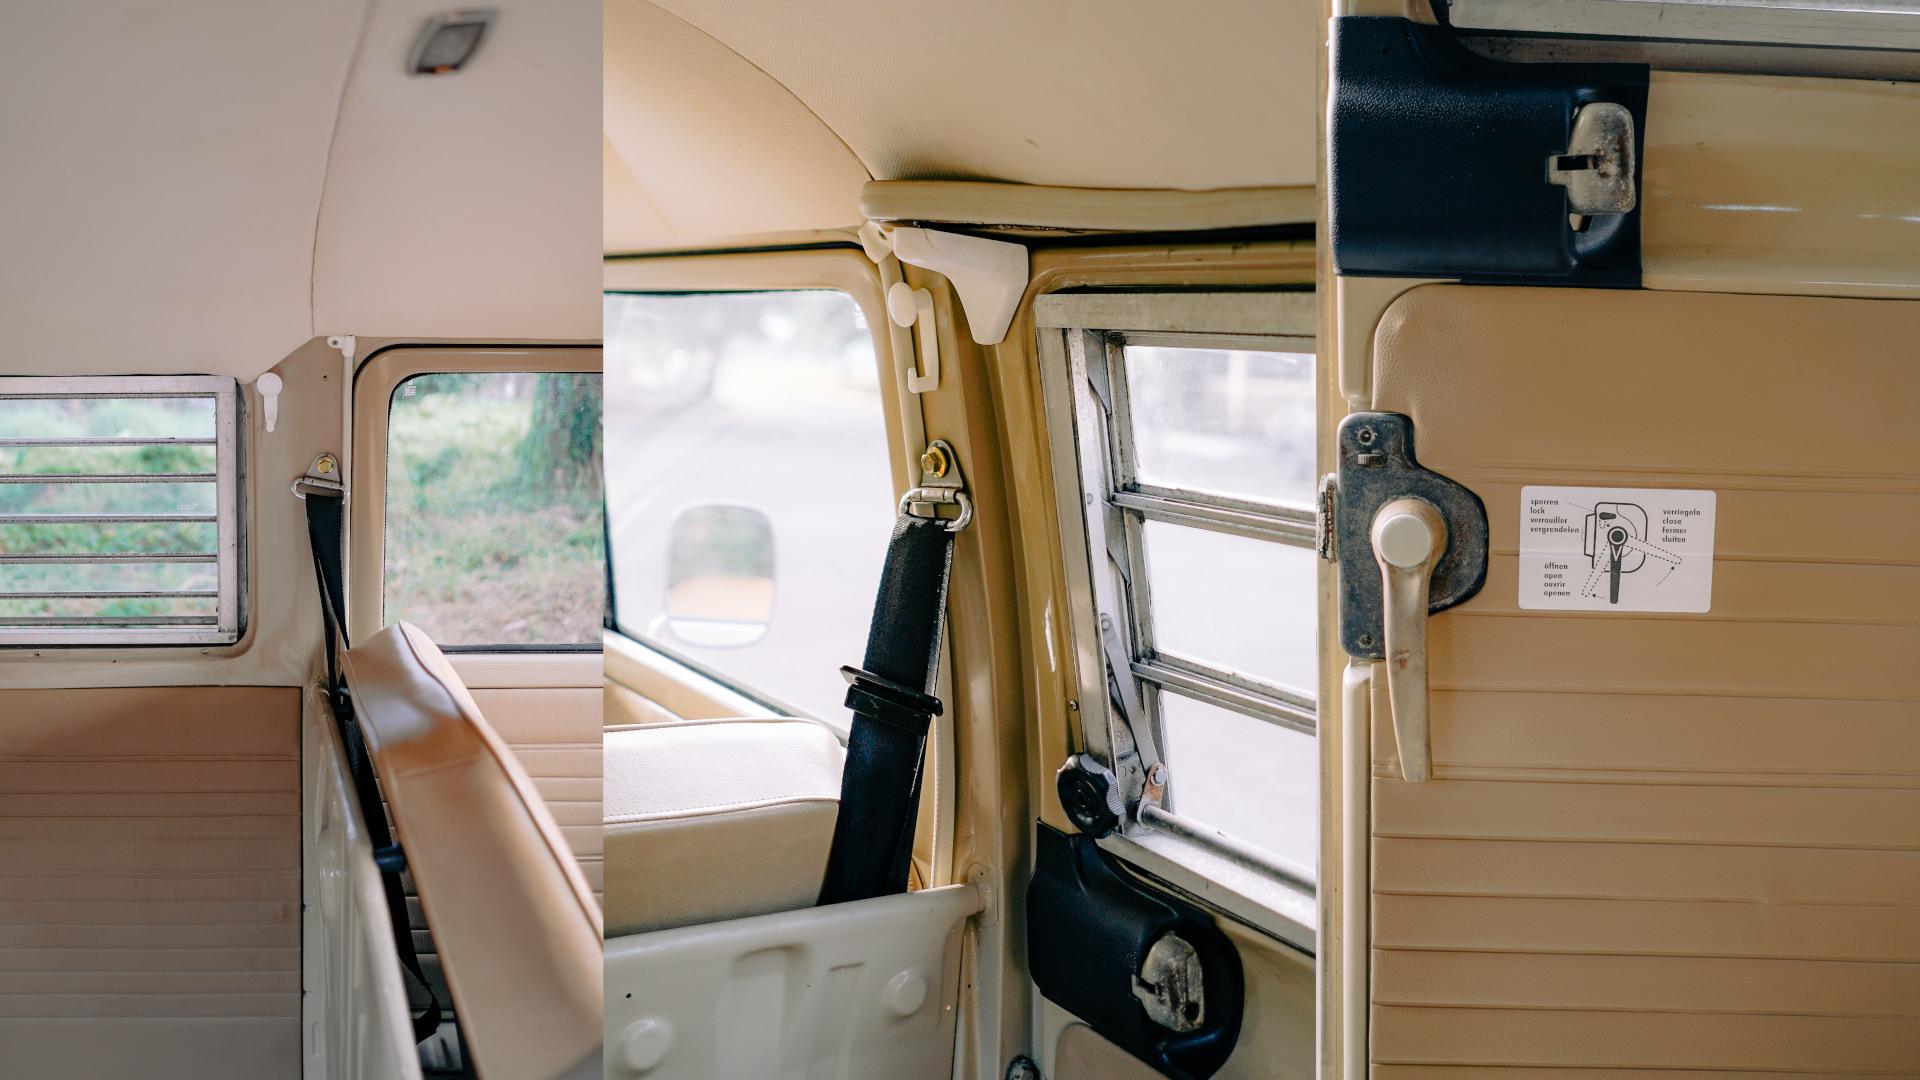 Volkswagen Type 2 seatbelts and door handle